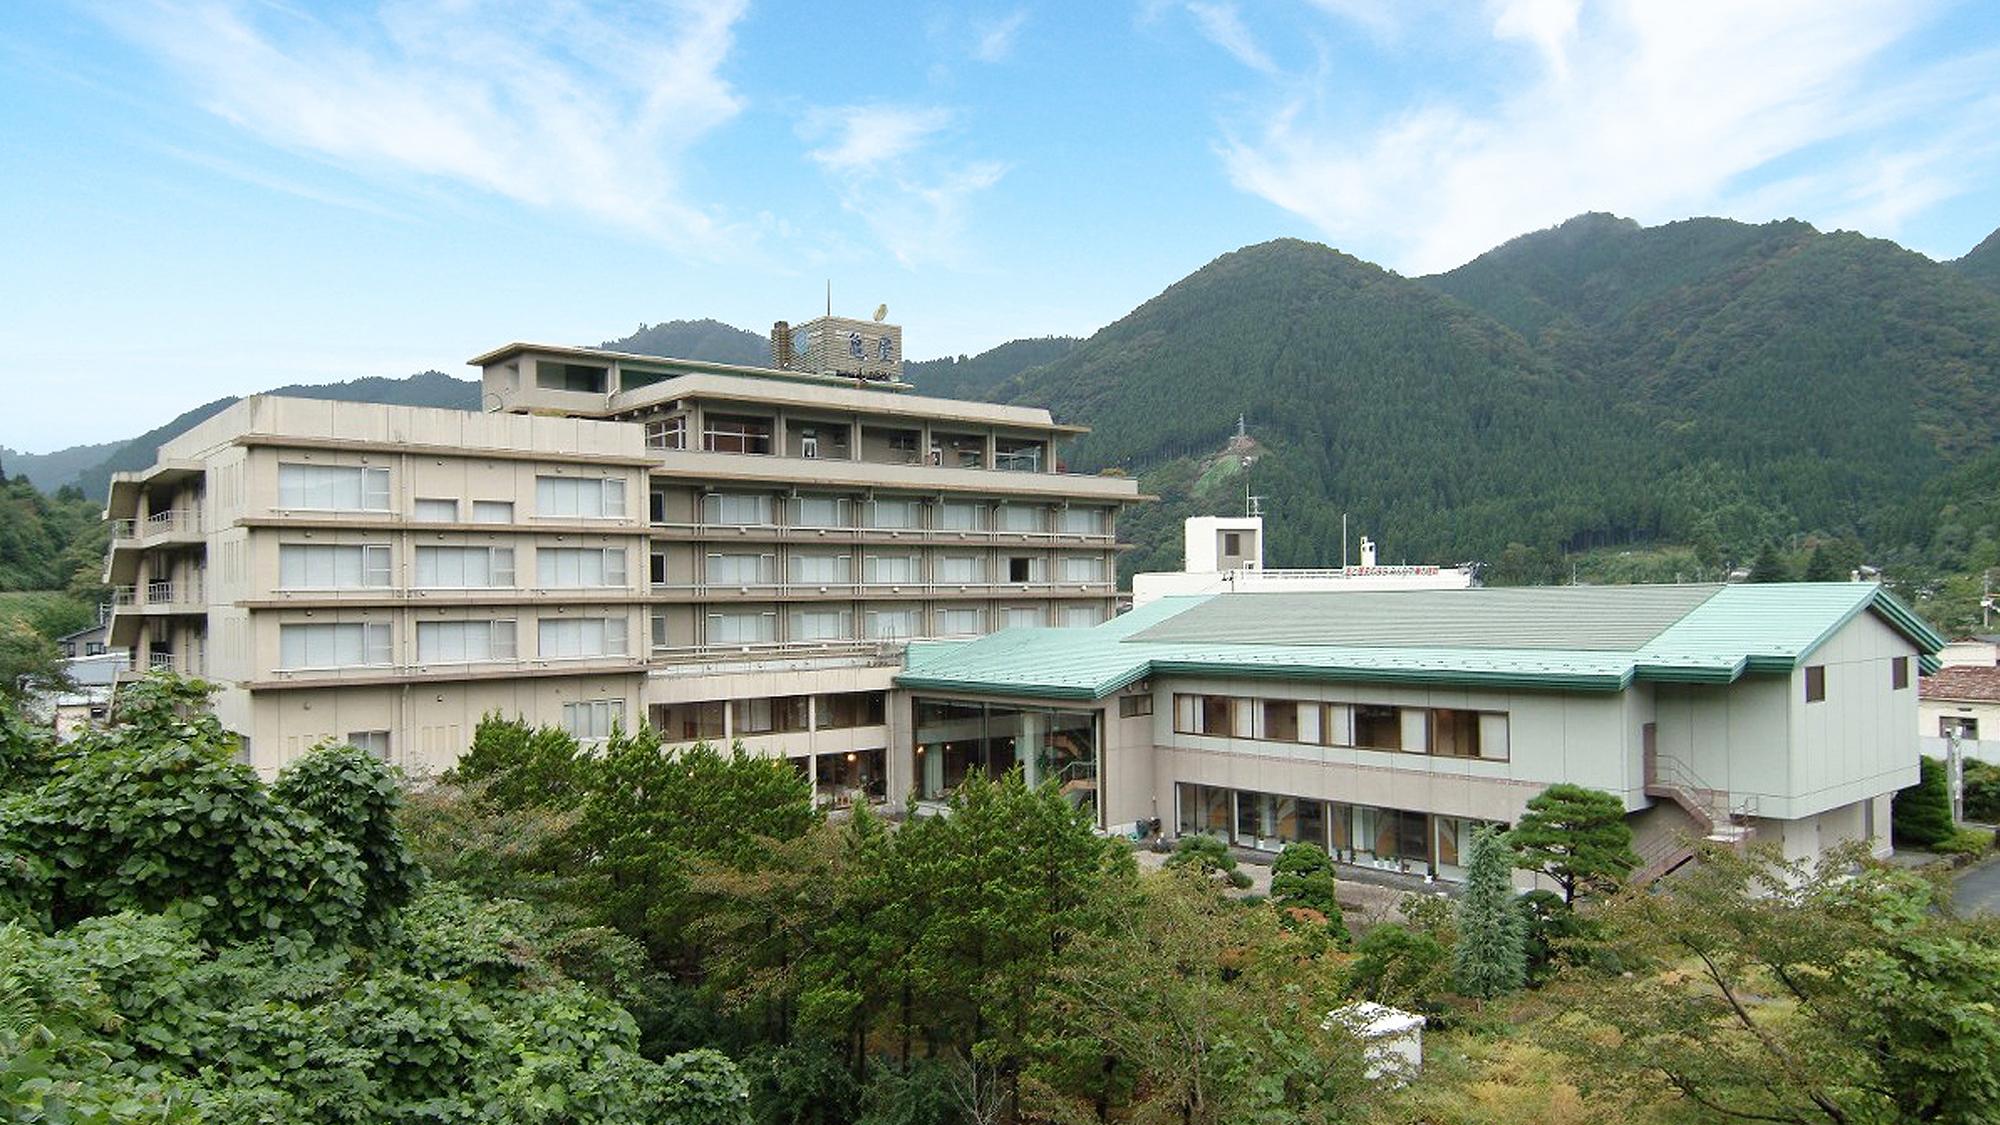 12月に鳴子温泉に行きます。贅沢に会席料理を楽しめる宿を教えてください。